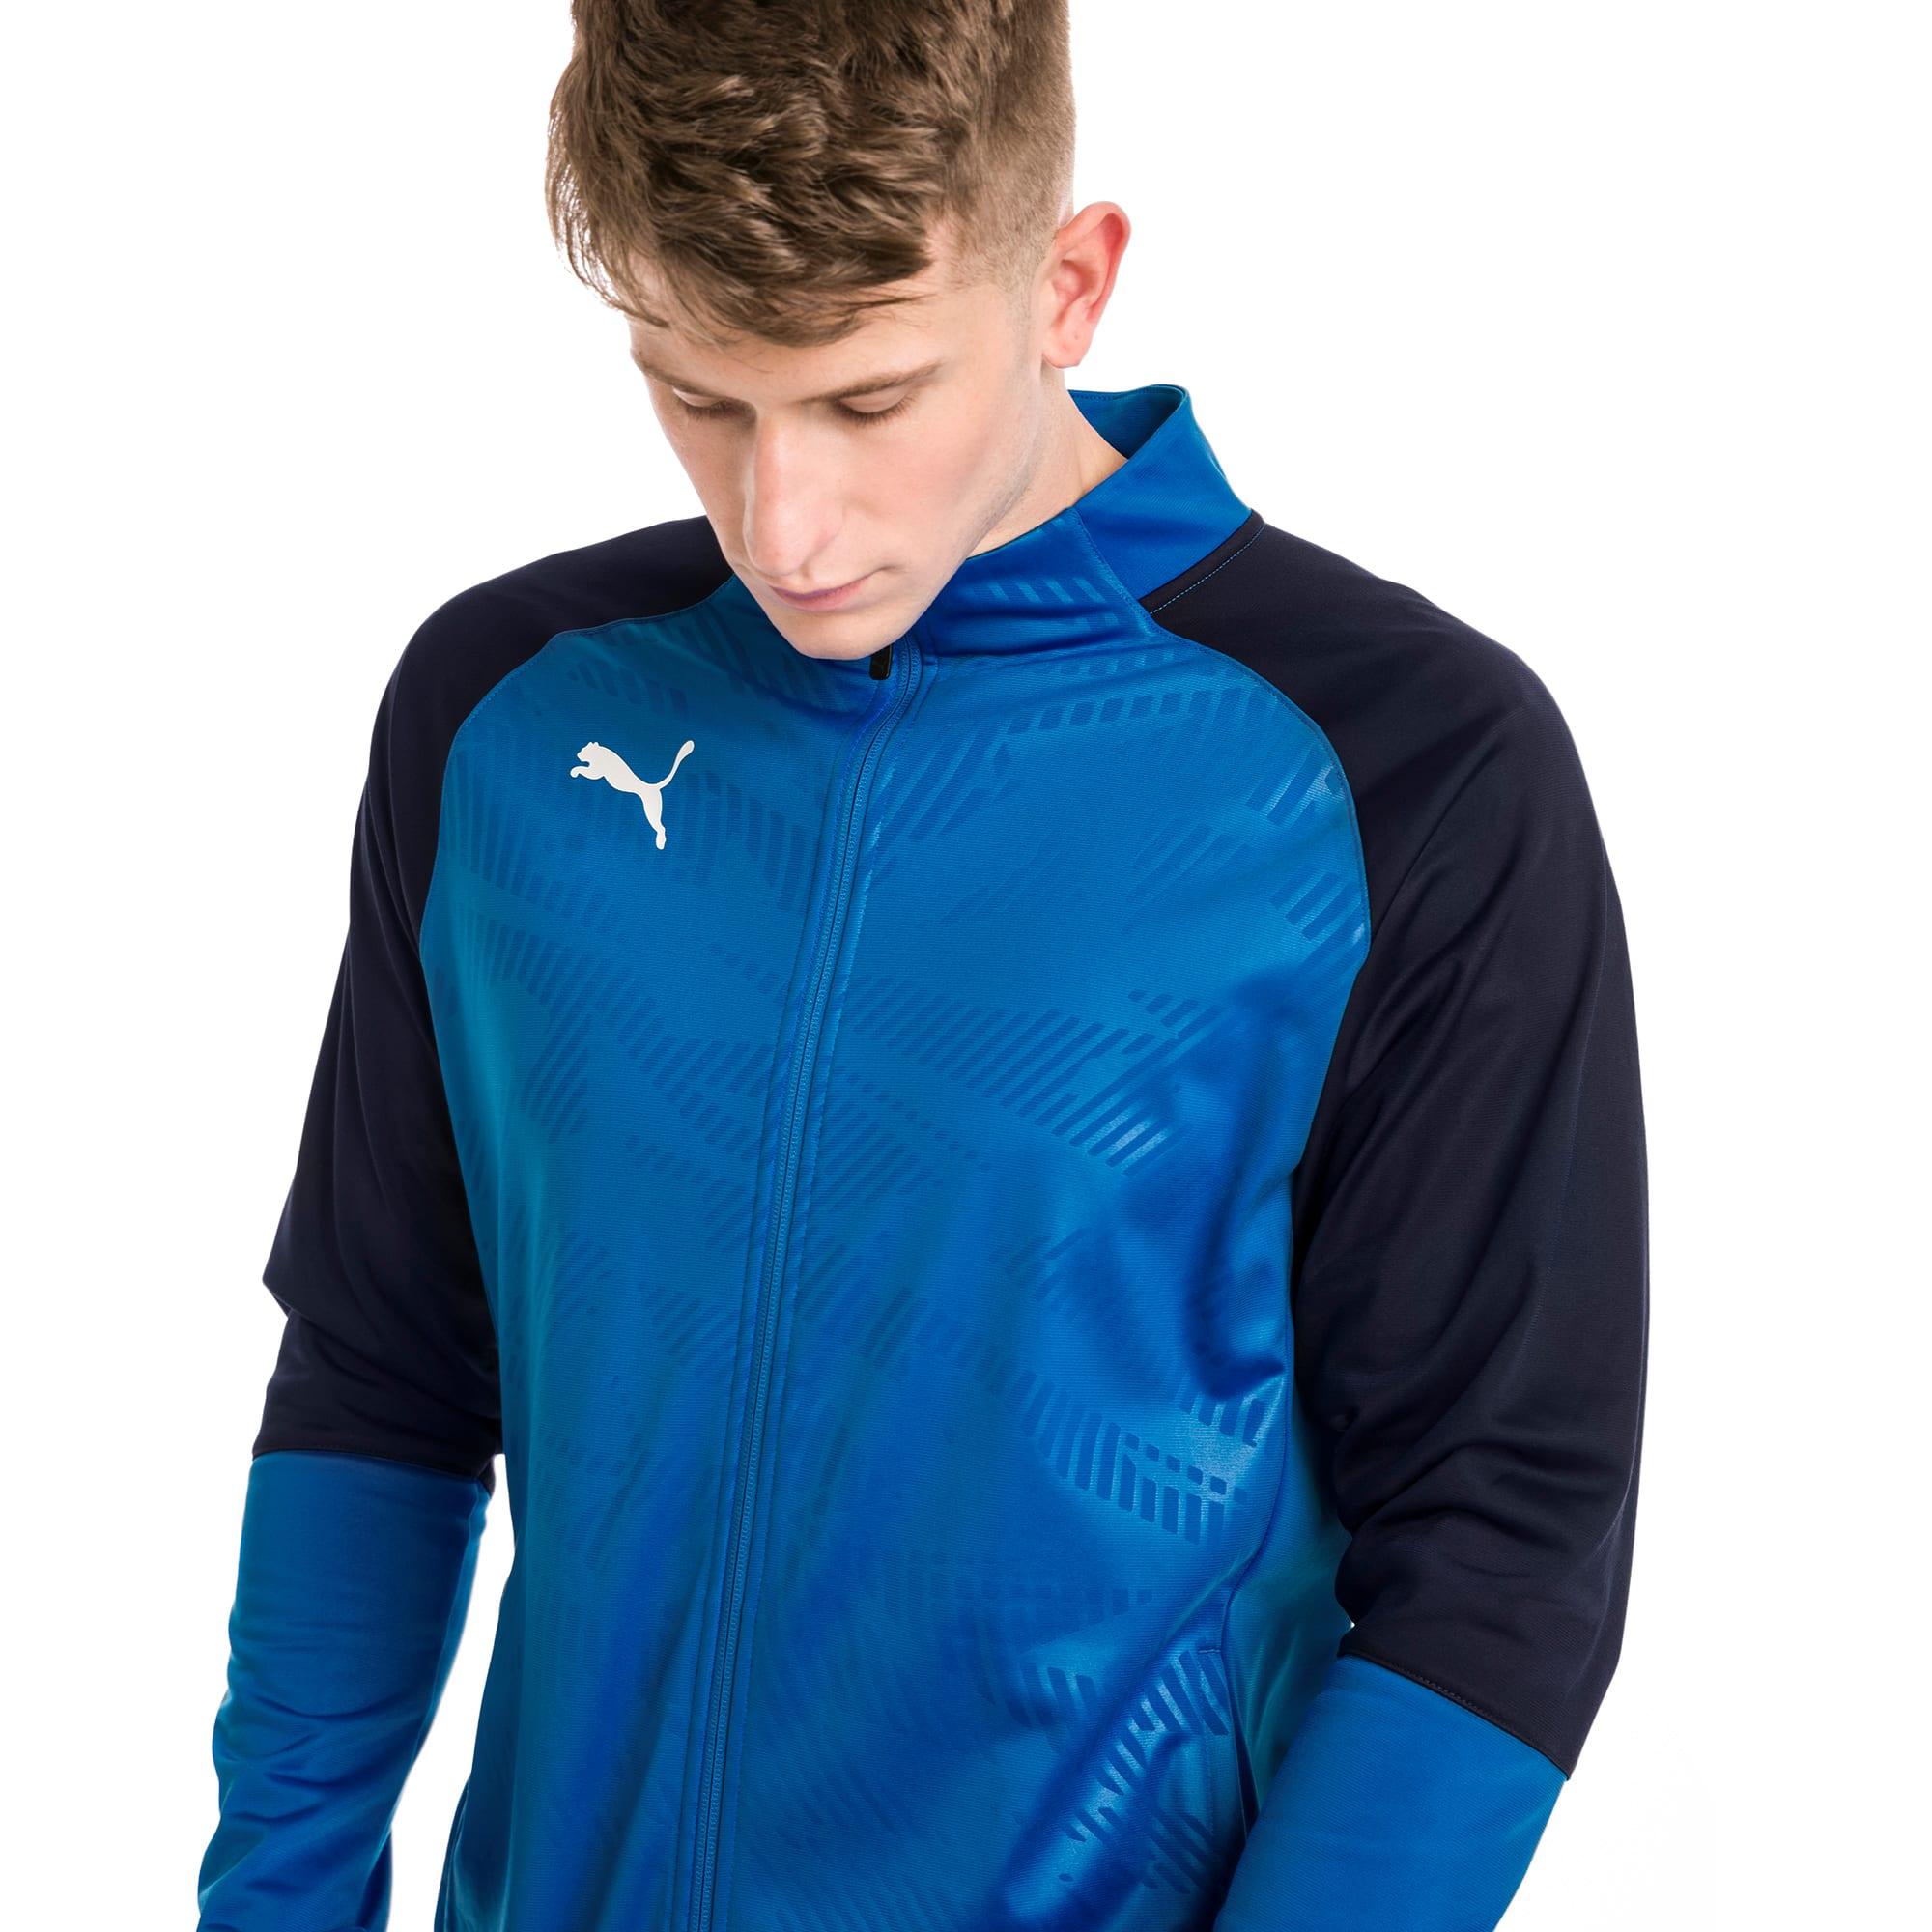 blouson de survêtement pour le foot cup training poly core pour homme, bleu, taille l, vêtements